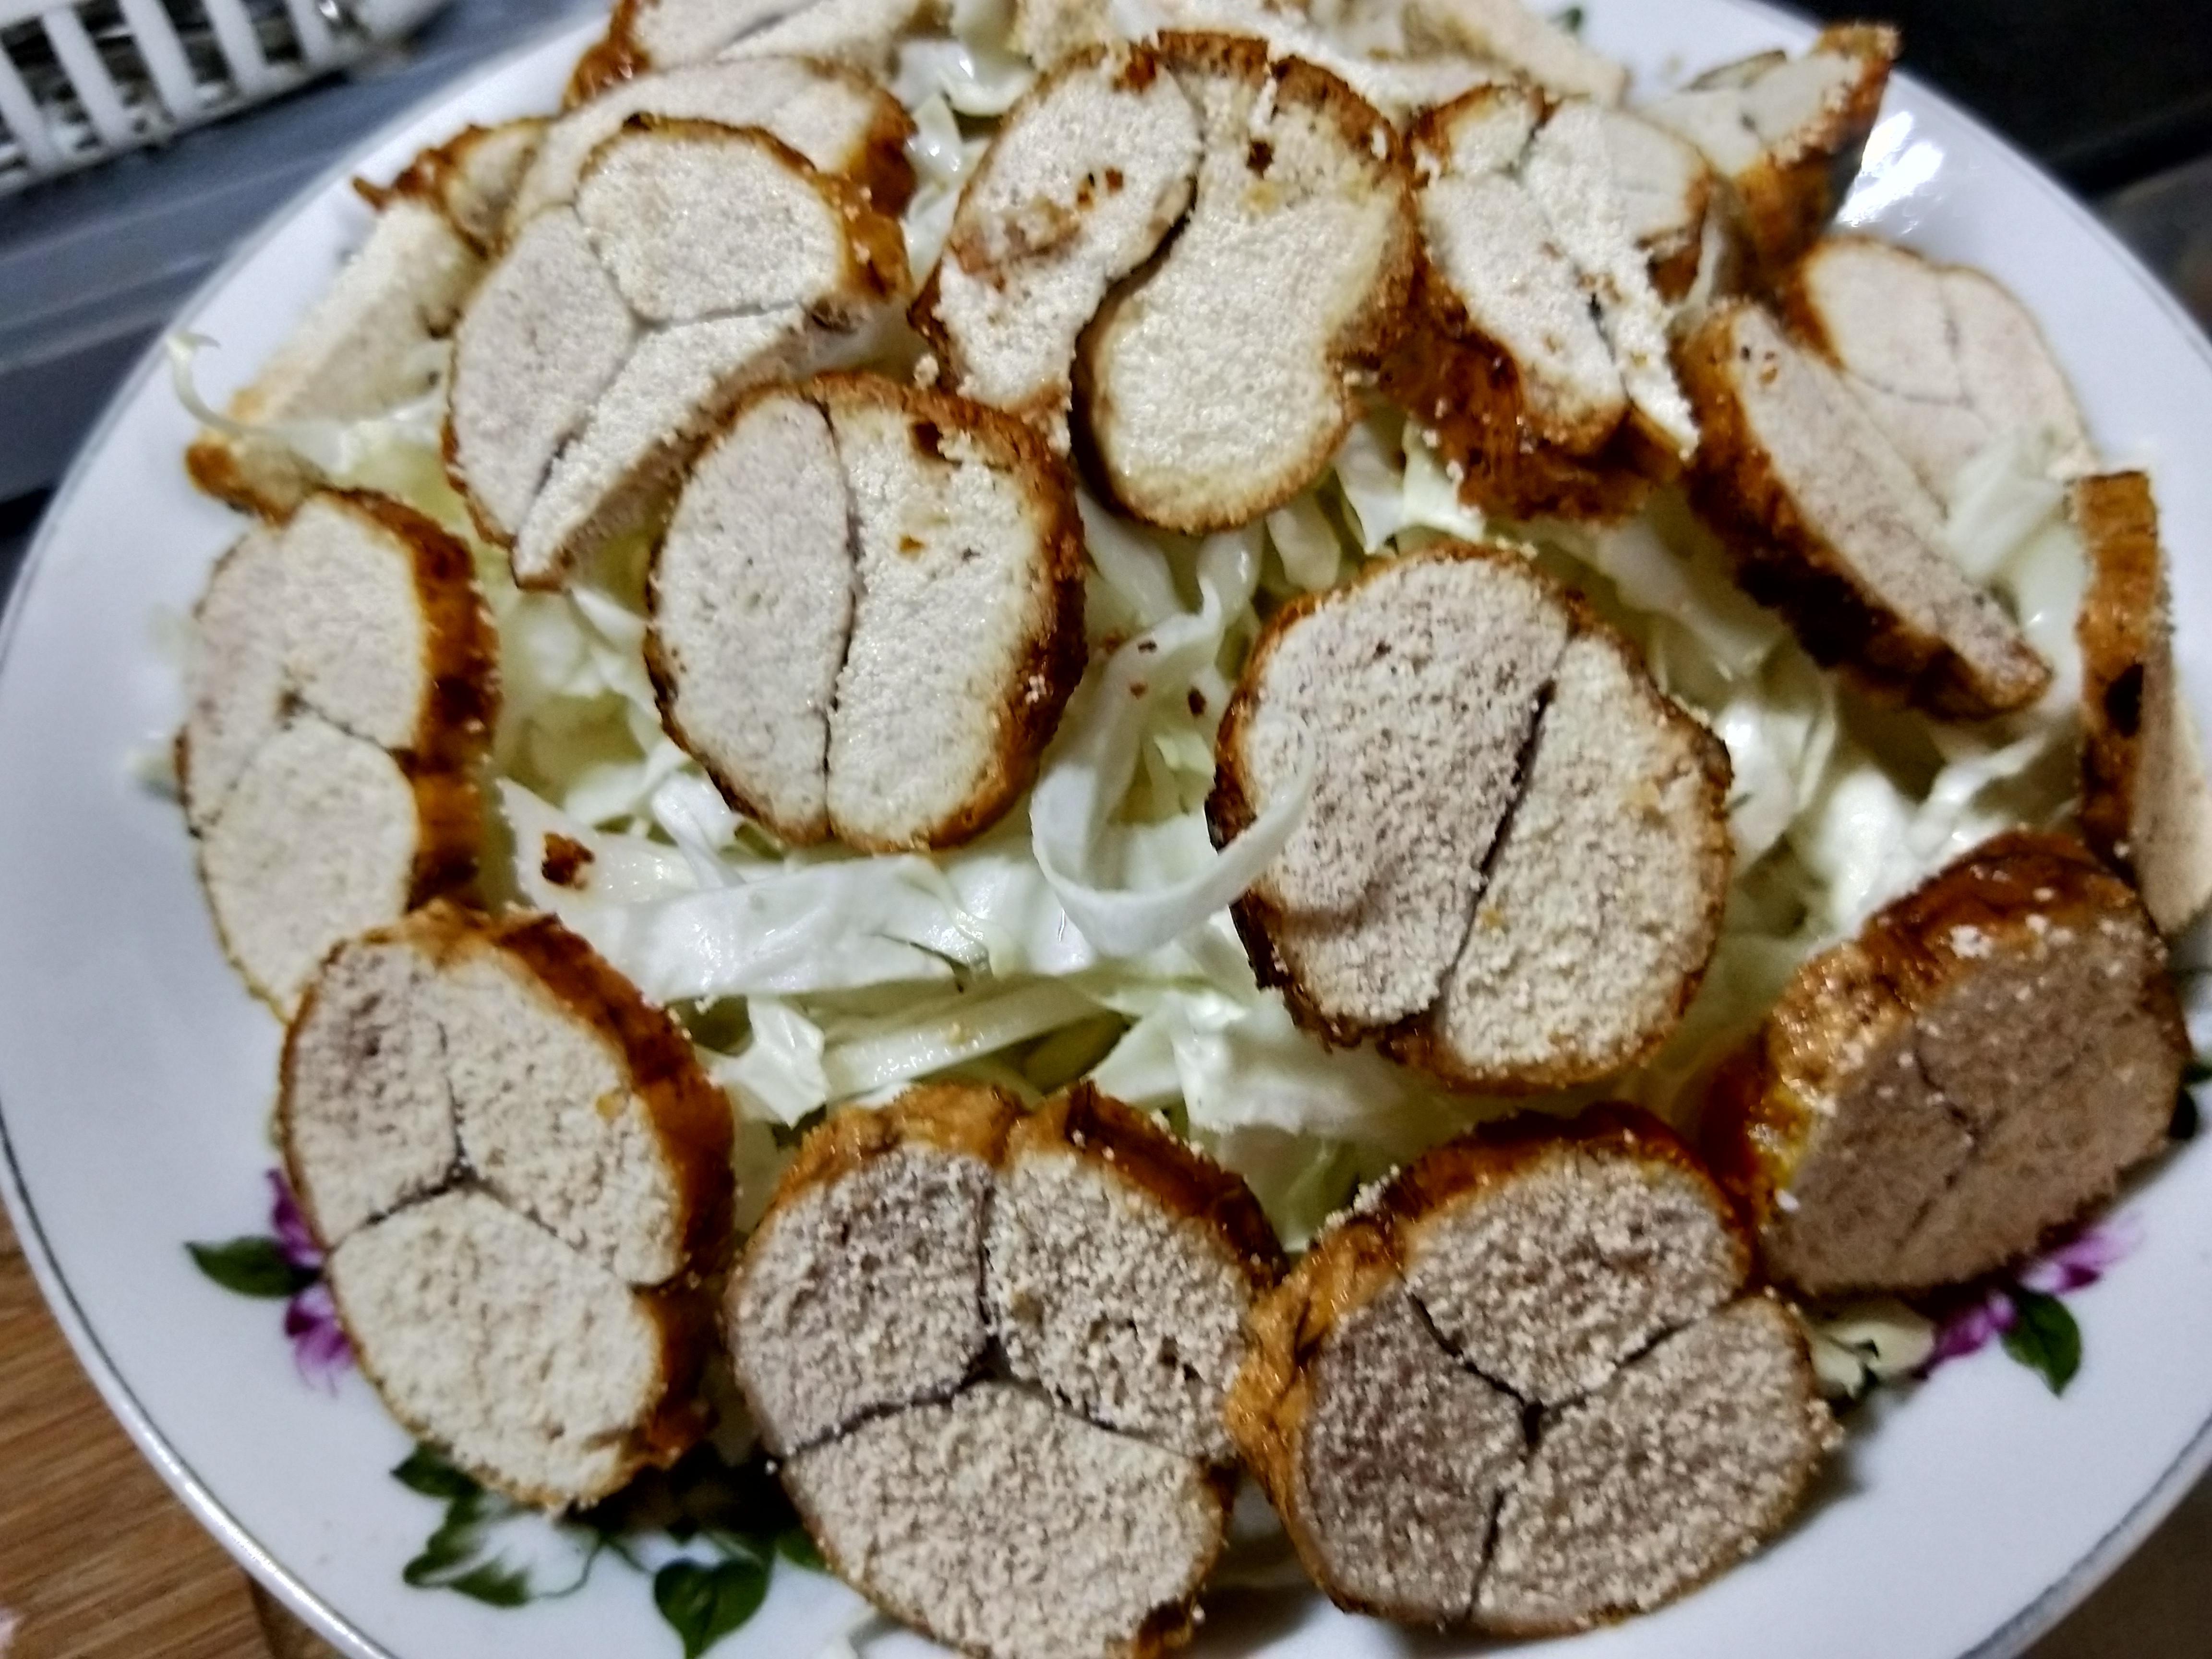 媽媽做菜的好幫手~~桂冠風味沙拉的第 10 張圖片